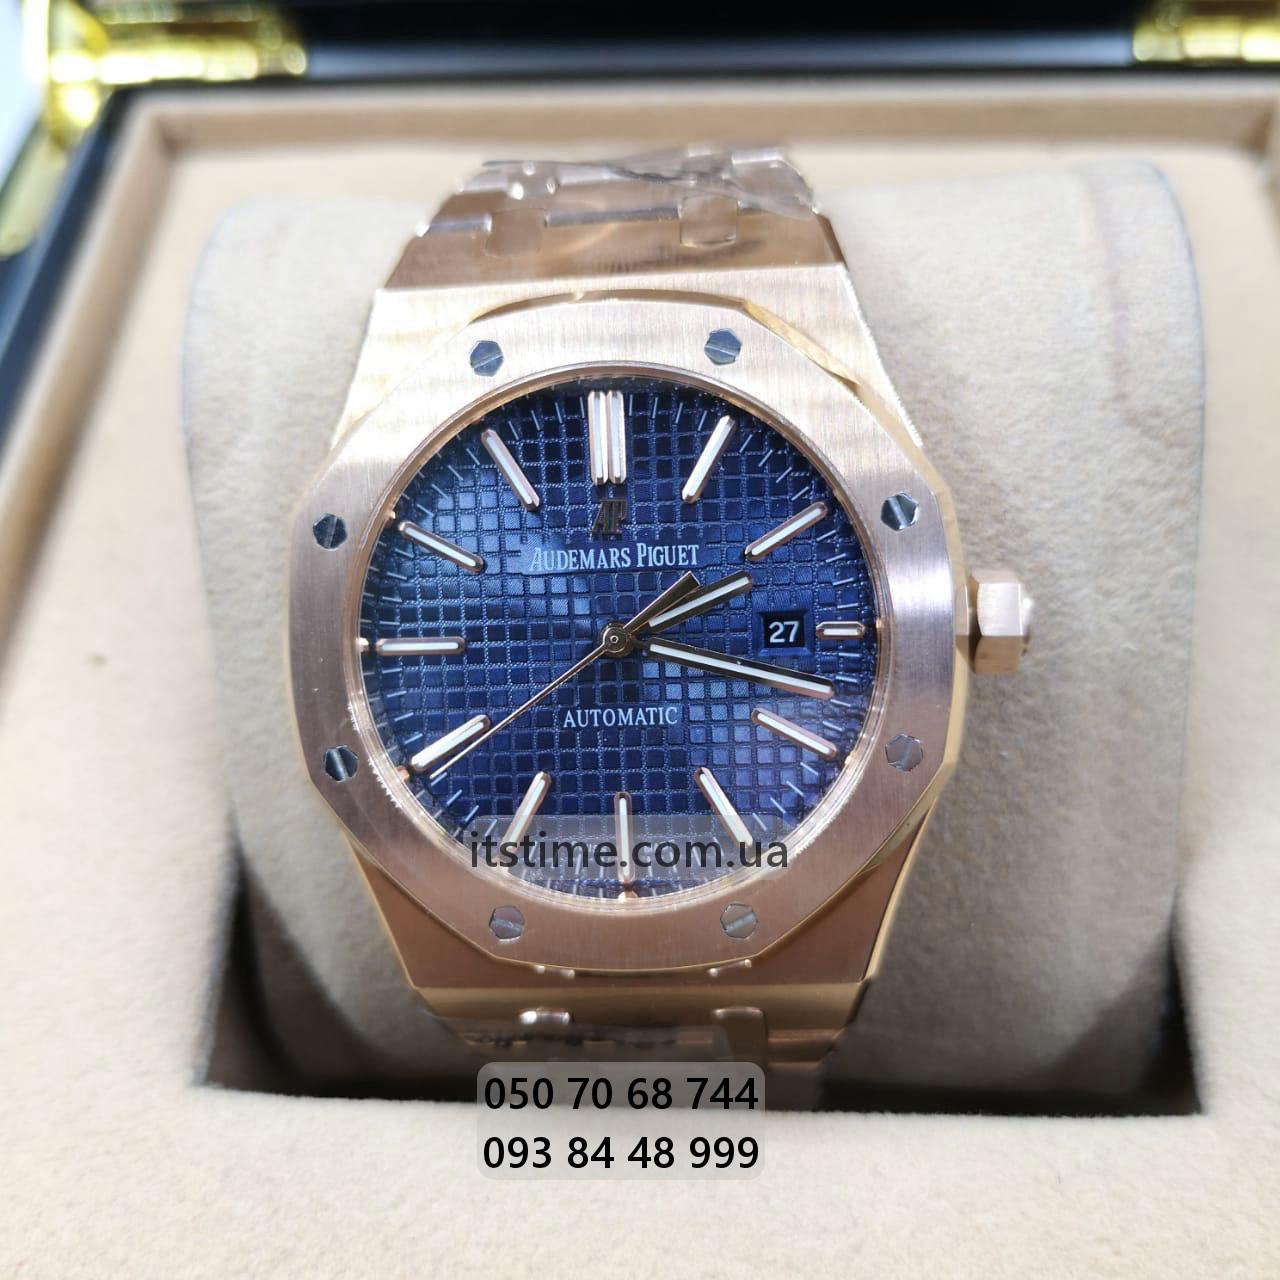 69f85b89 Копии часов Audemars Piguet. Купить копии Адемар Пиге высокого ...